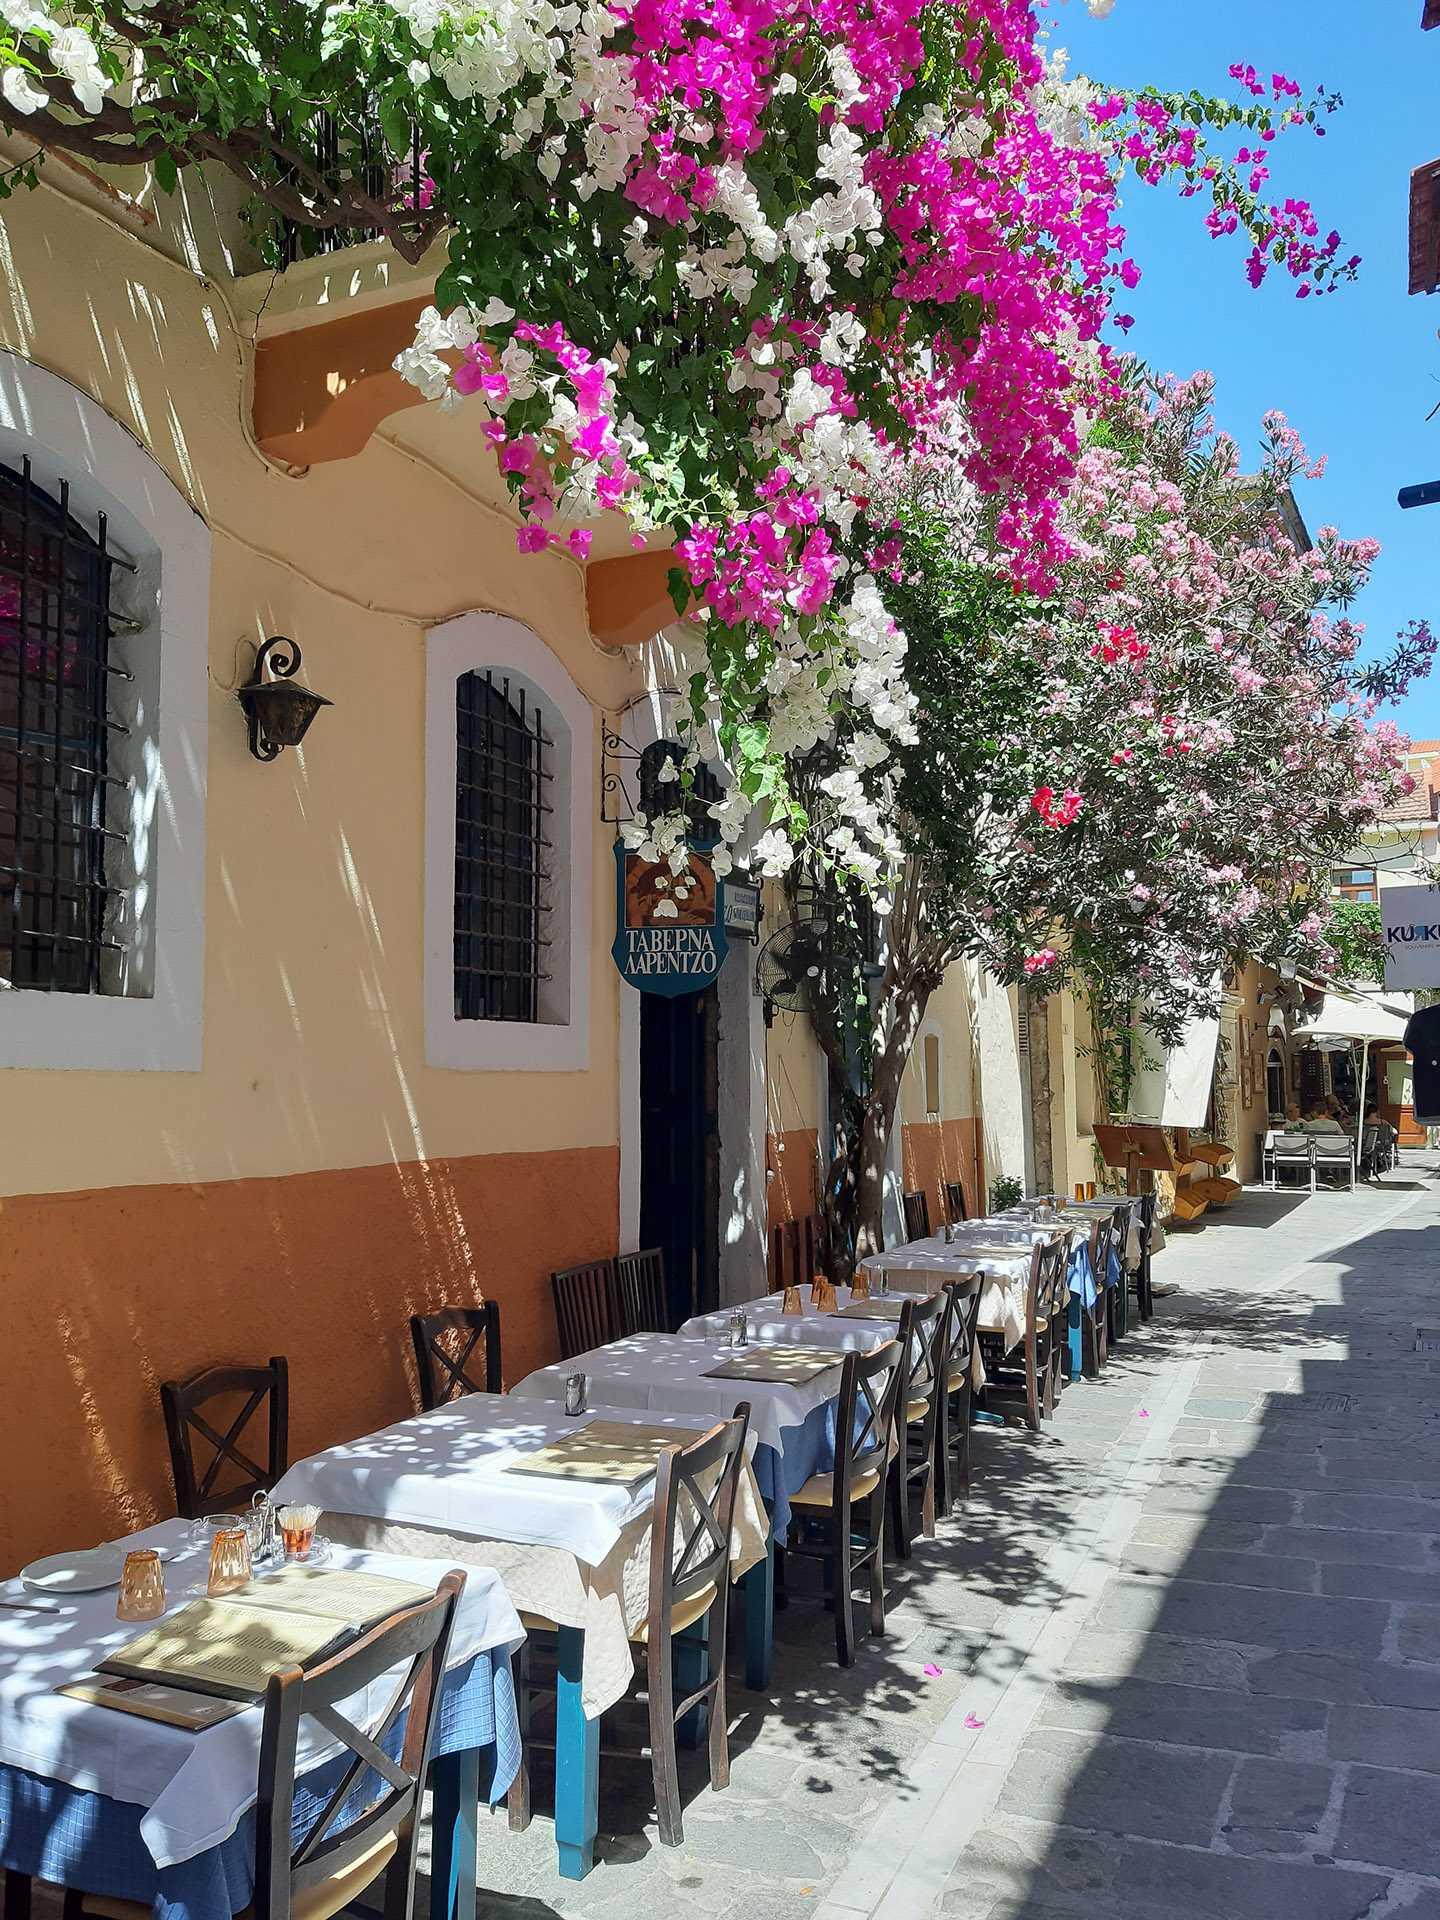 Conheça o Rethymno, a cidade que promove um dos carnavais mais tradicionais da Grécia